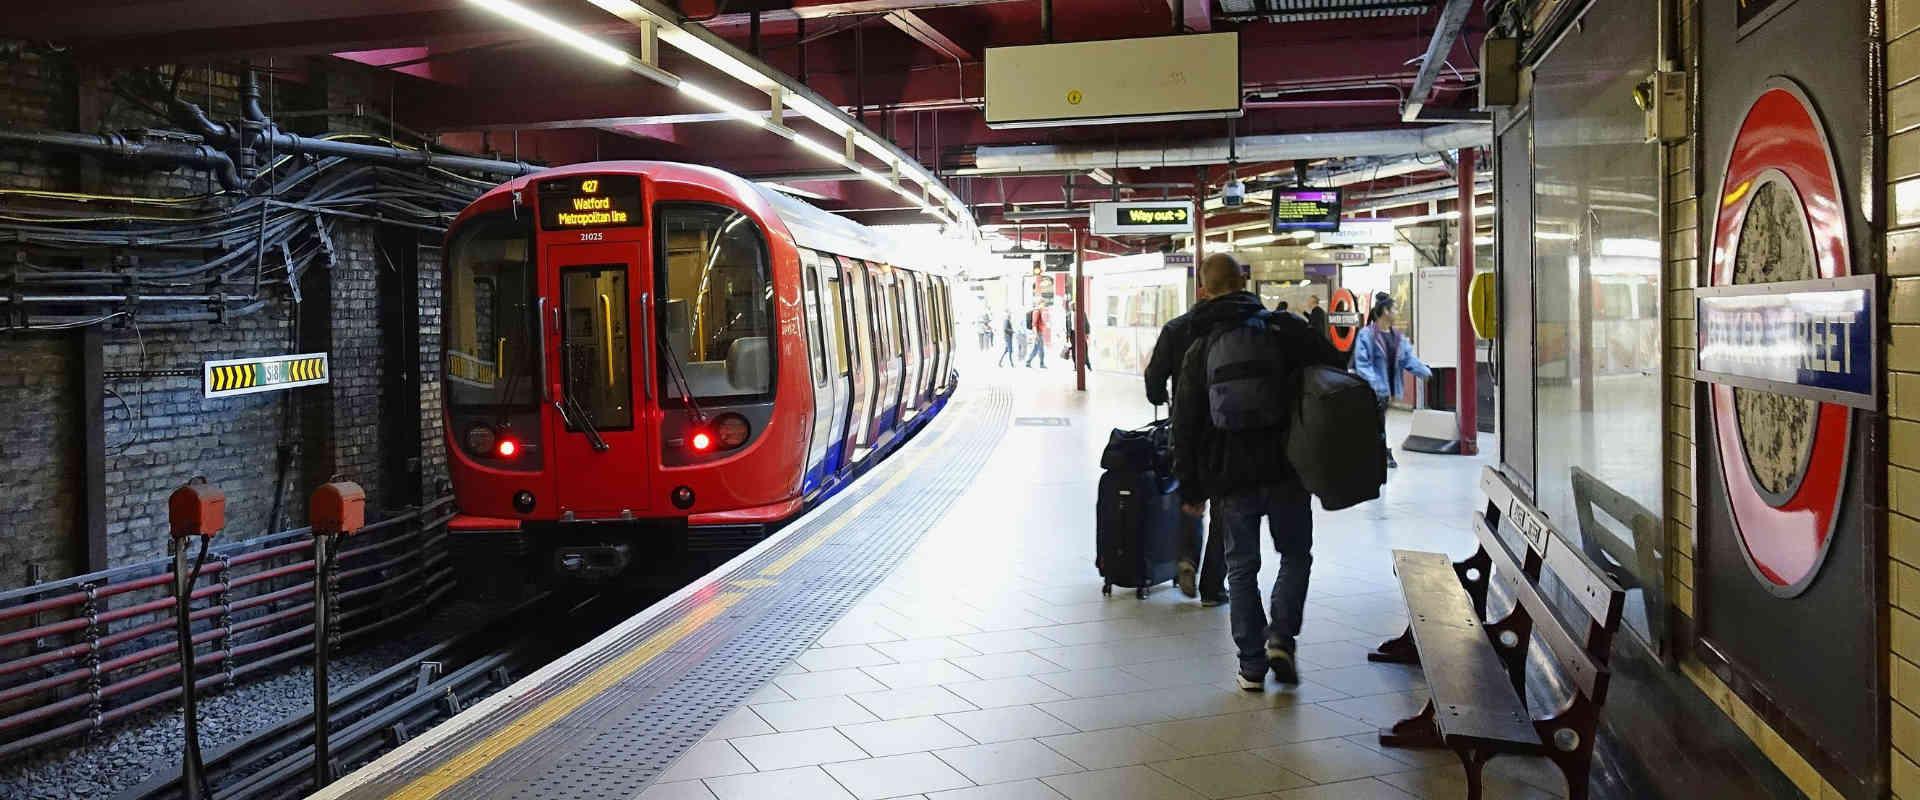 """תחנת """"בייקר"""" ברכבת התחתית של לונדון"""